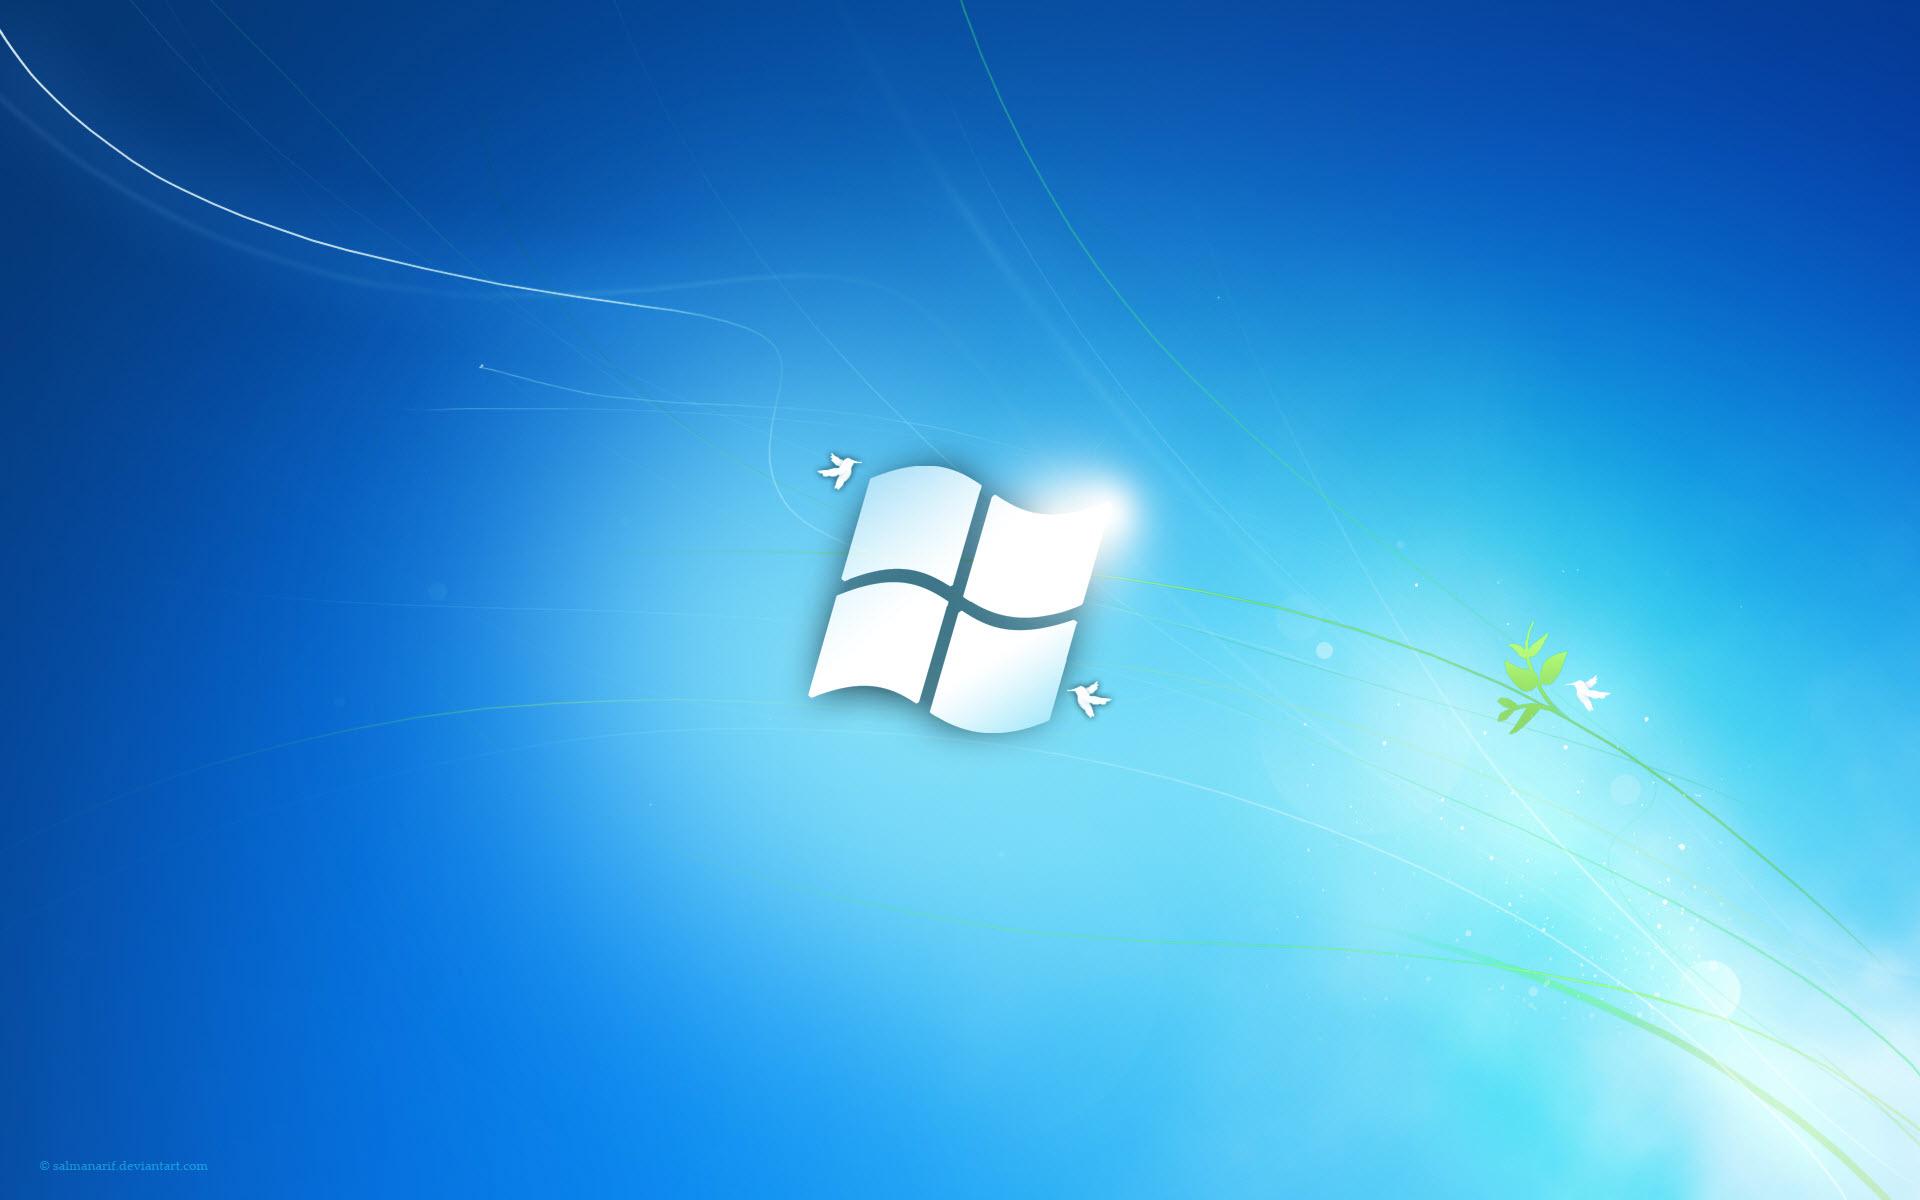 Simple-Windows-7-Wallpapers.jpg